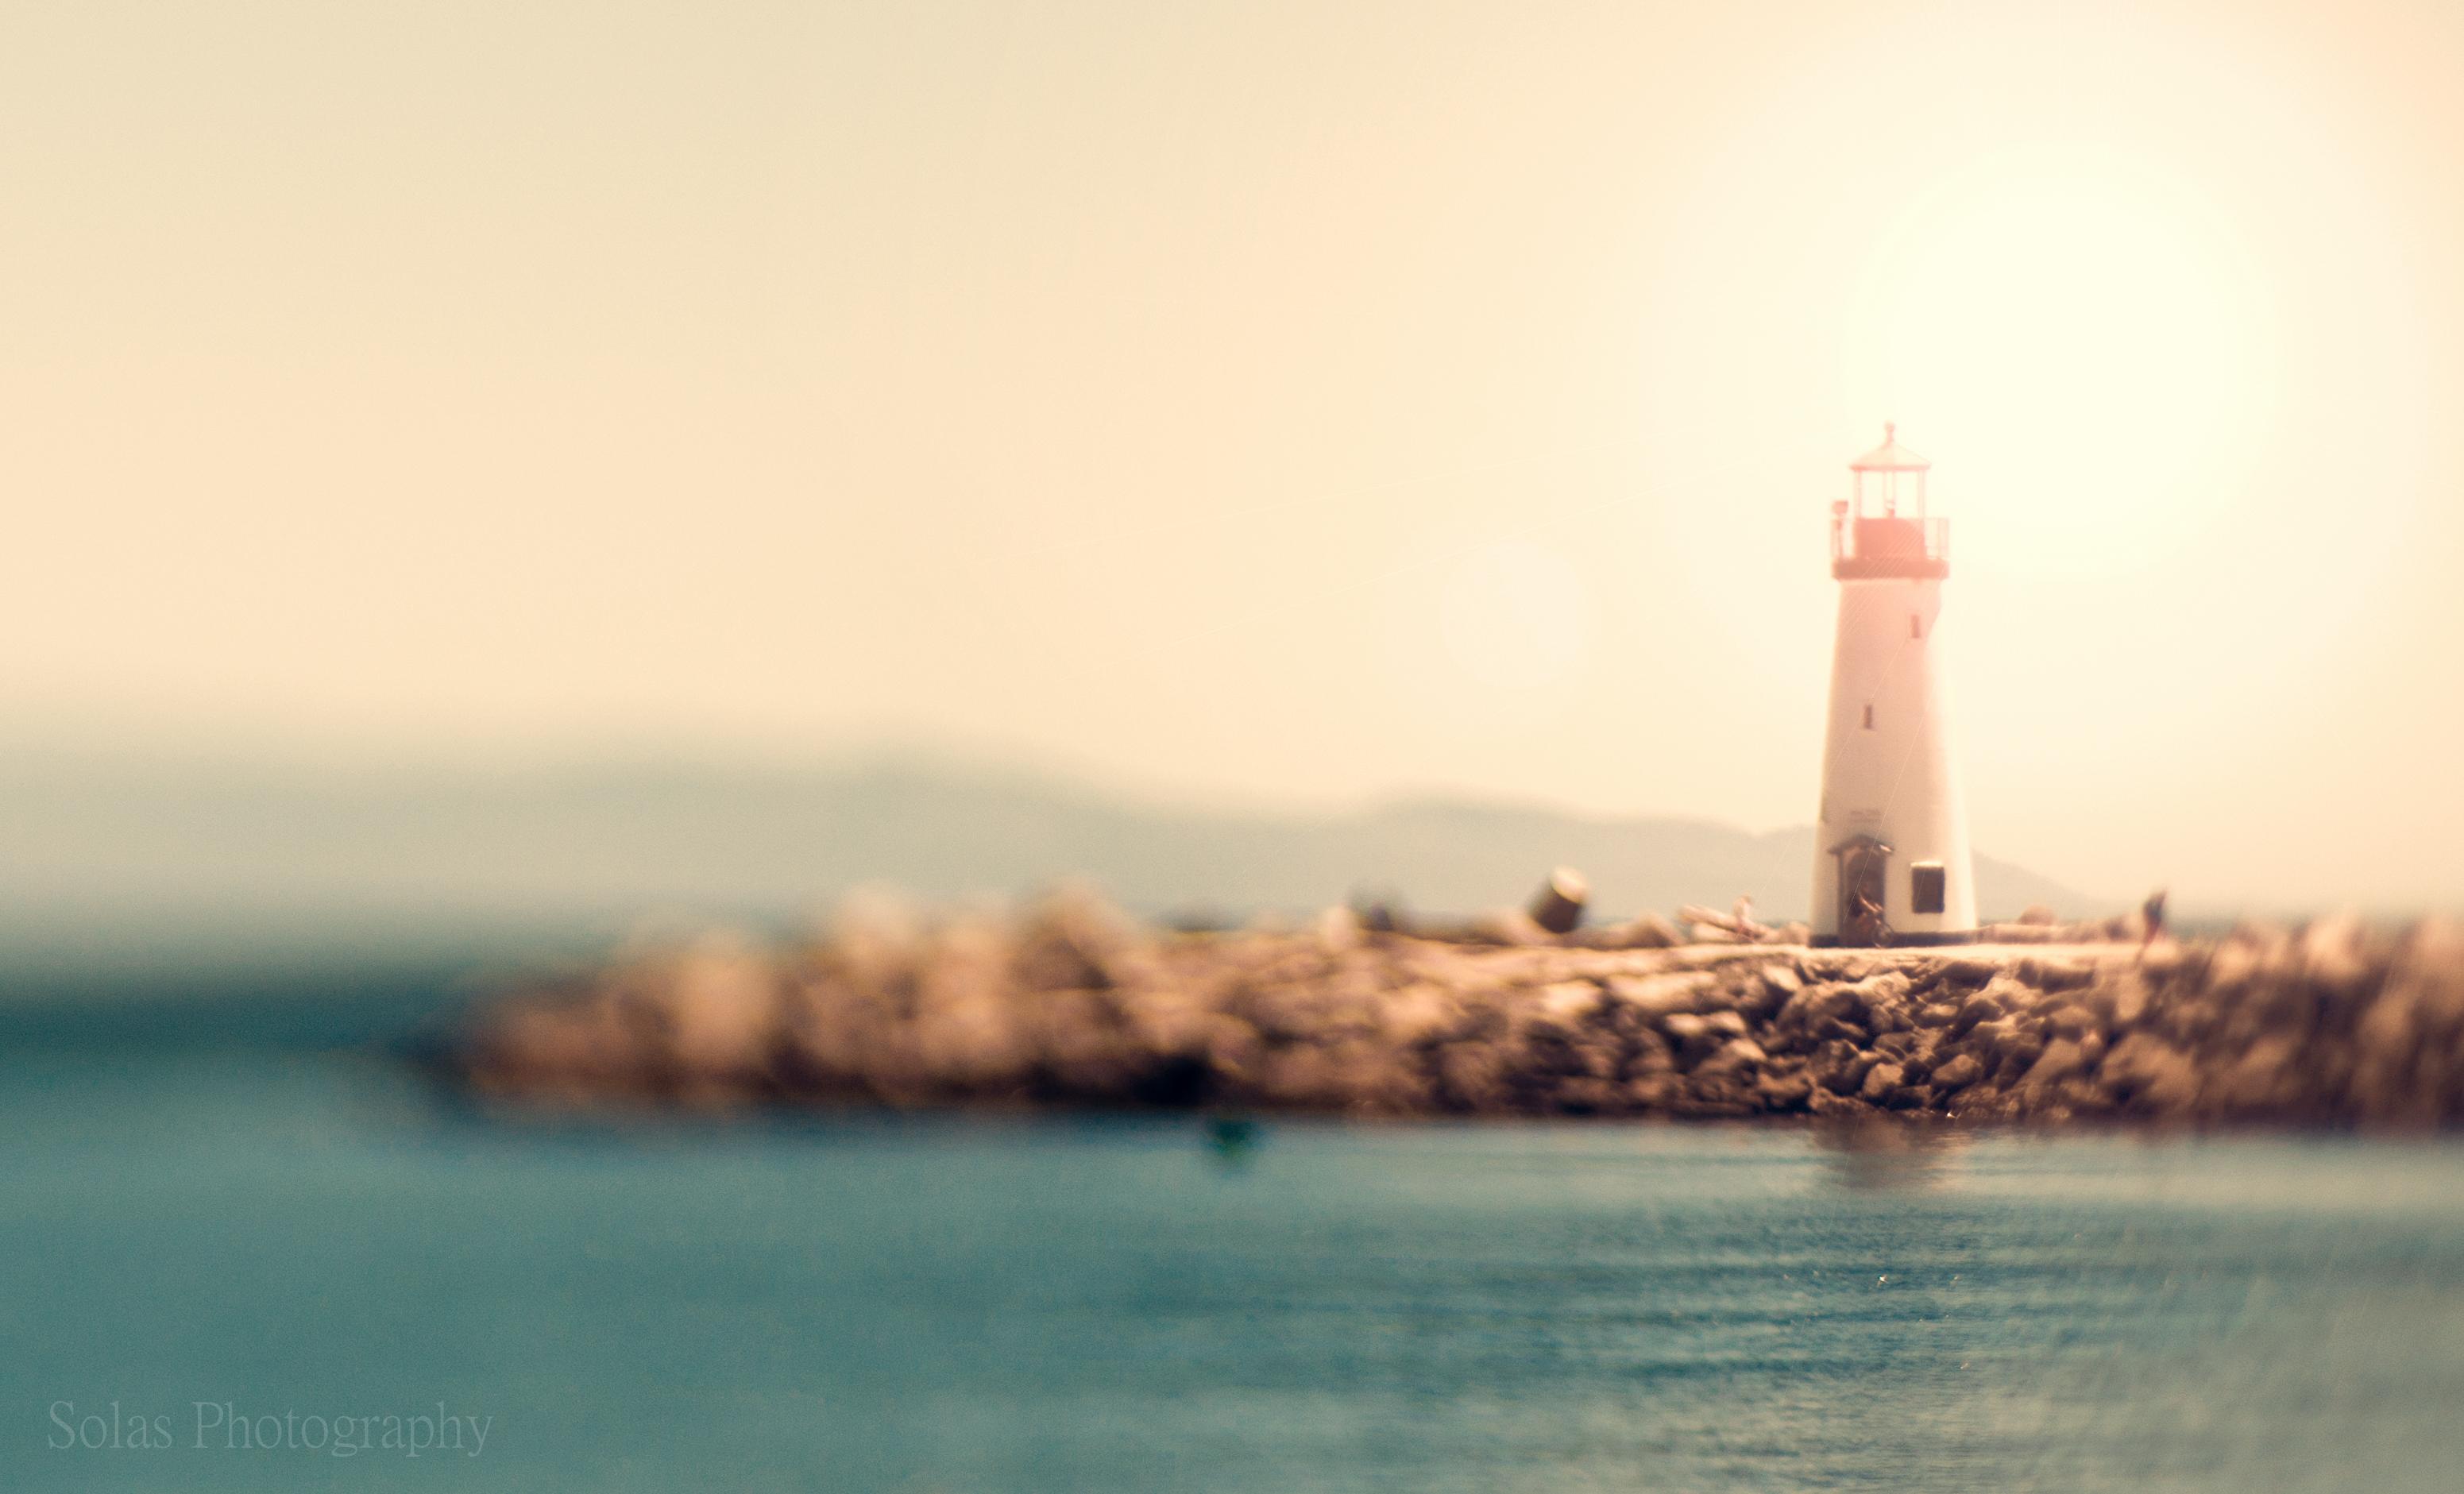 デスクトップ壁紙 湾 水 自然 空 家 落ち着いた 朝 タワー 波 海岸 灯台 太陽 カリフォルニア 地平線 ニコン ボケ 暖かい 色 柔らかい 輝き 海洋 日光 D7000 エッジ レンズ赤ちゃん 輝く 80 サンタクルーズ 塩辛い Edge80